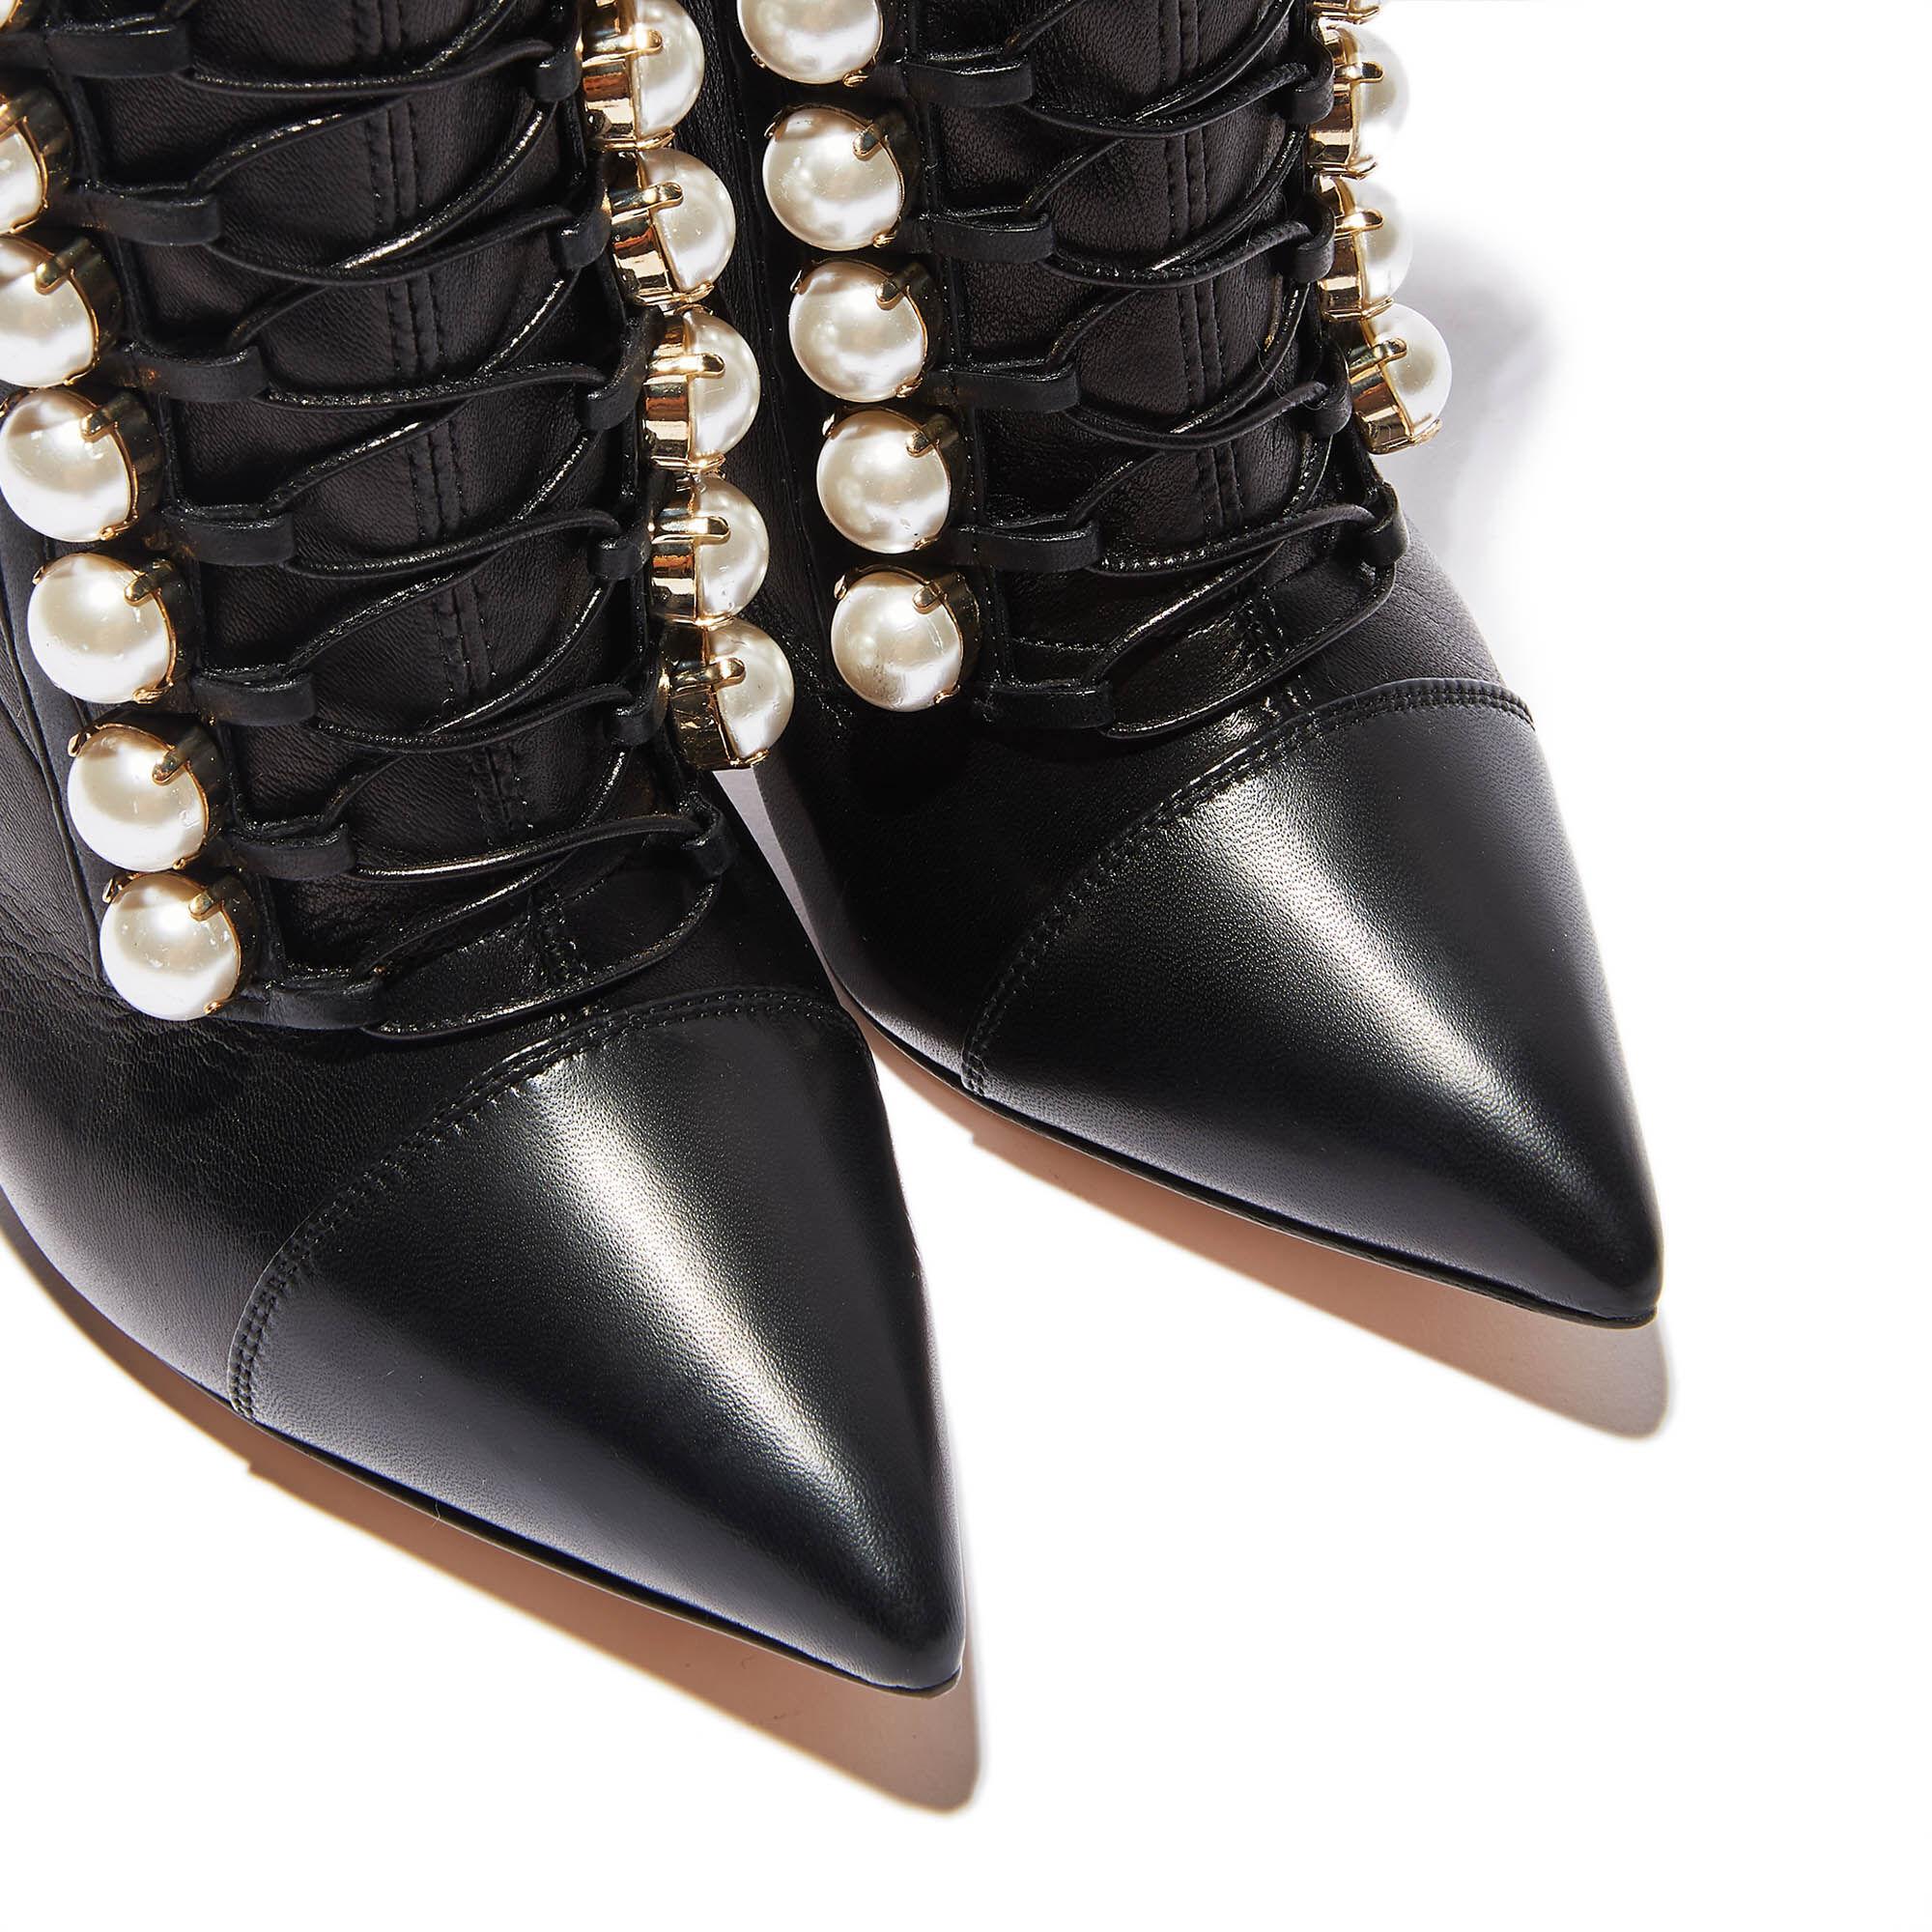 Casadei Stivaletti da Donna Eleganti | Casadei Blade Tiffany